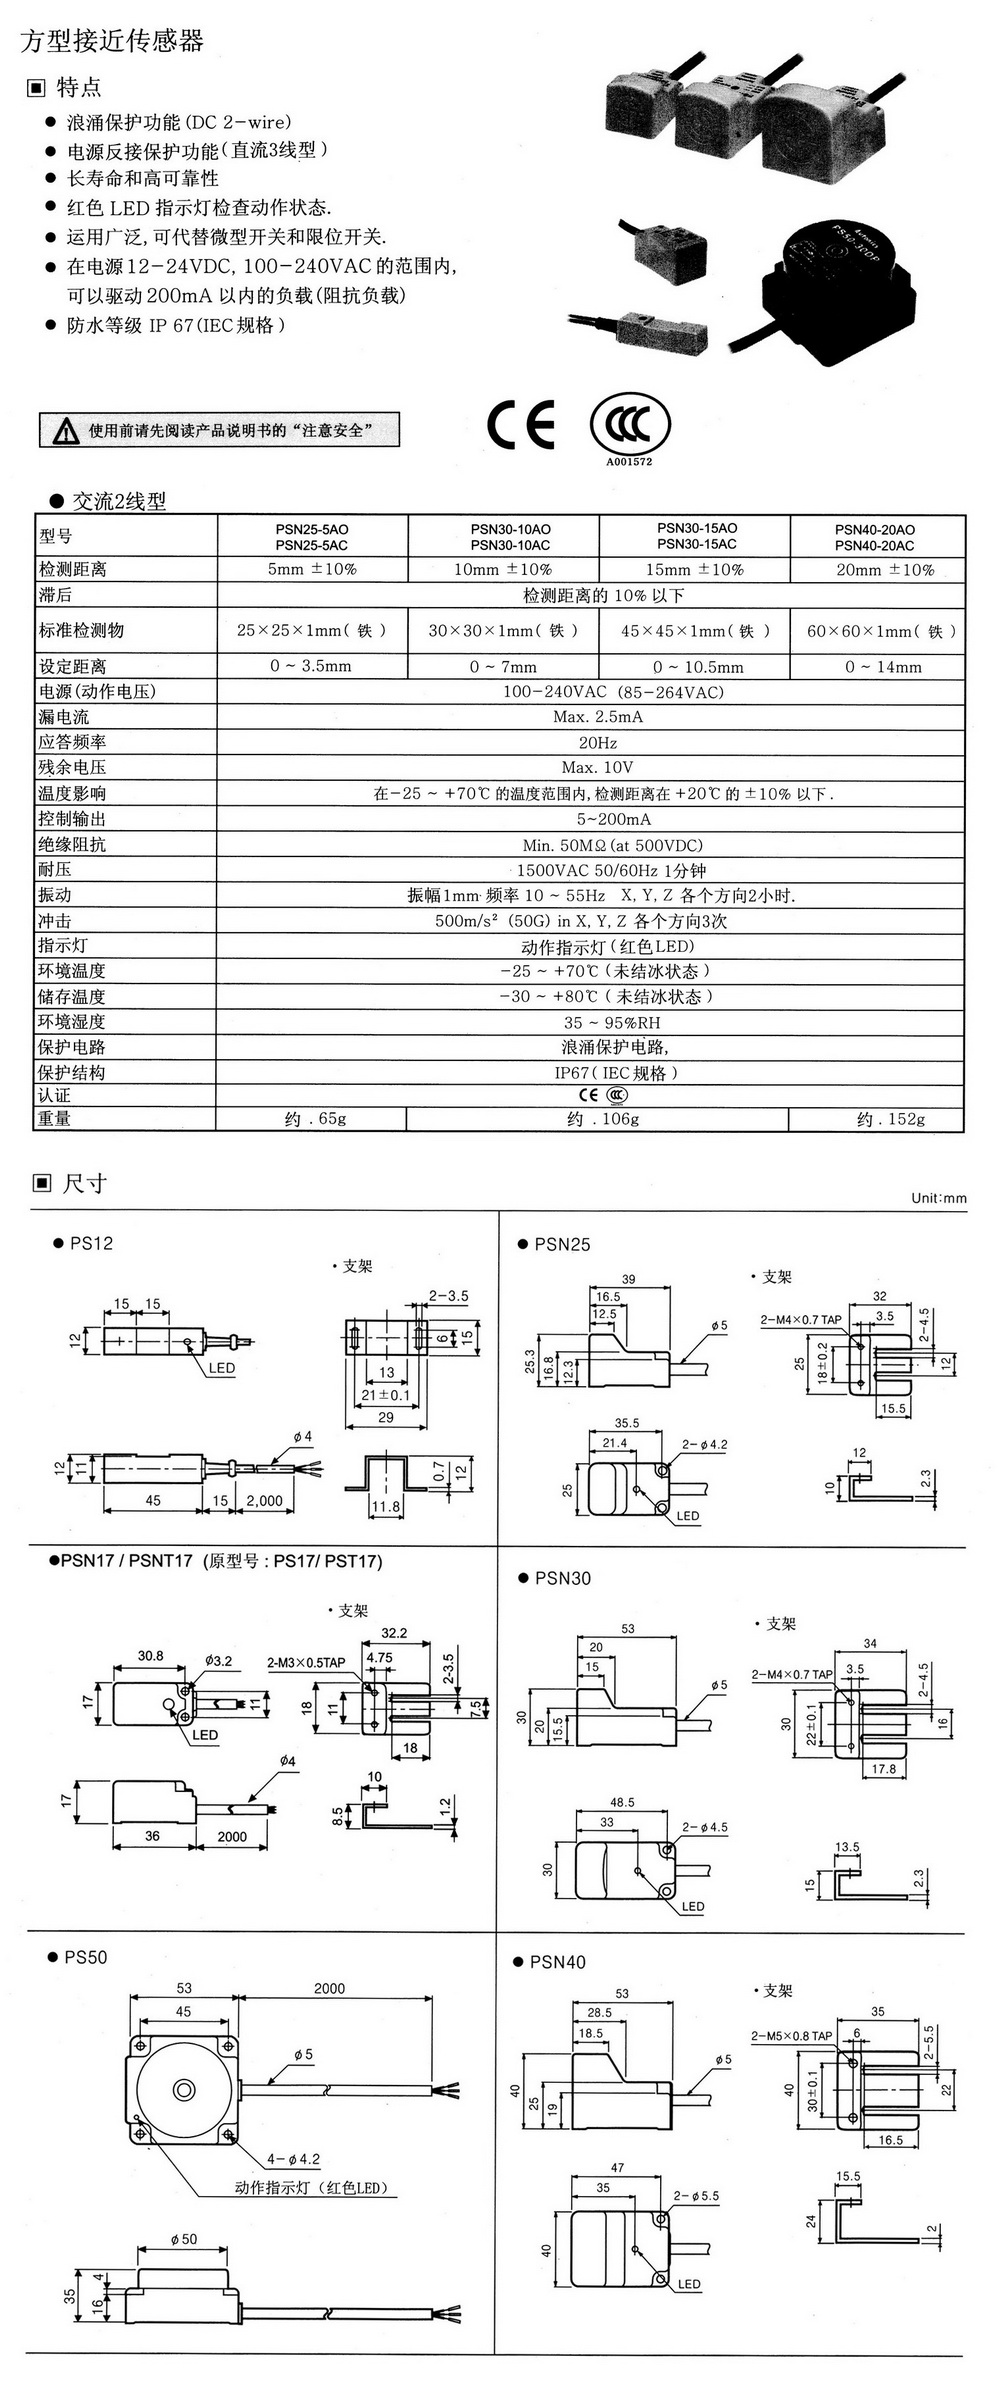 二线制ps; 上海杭荣电气有限公司-接近开关